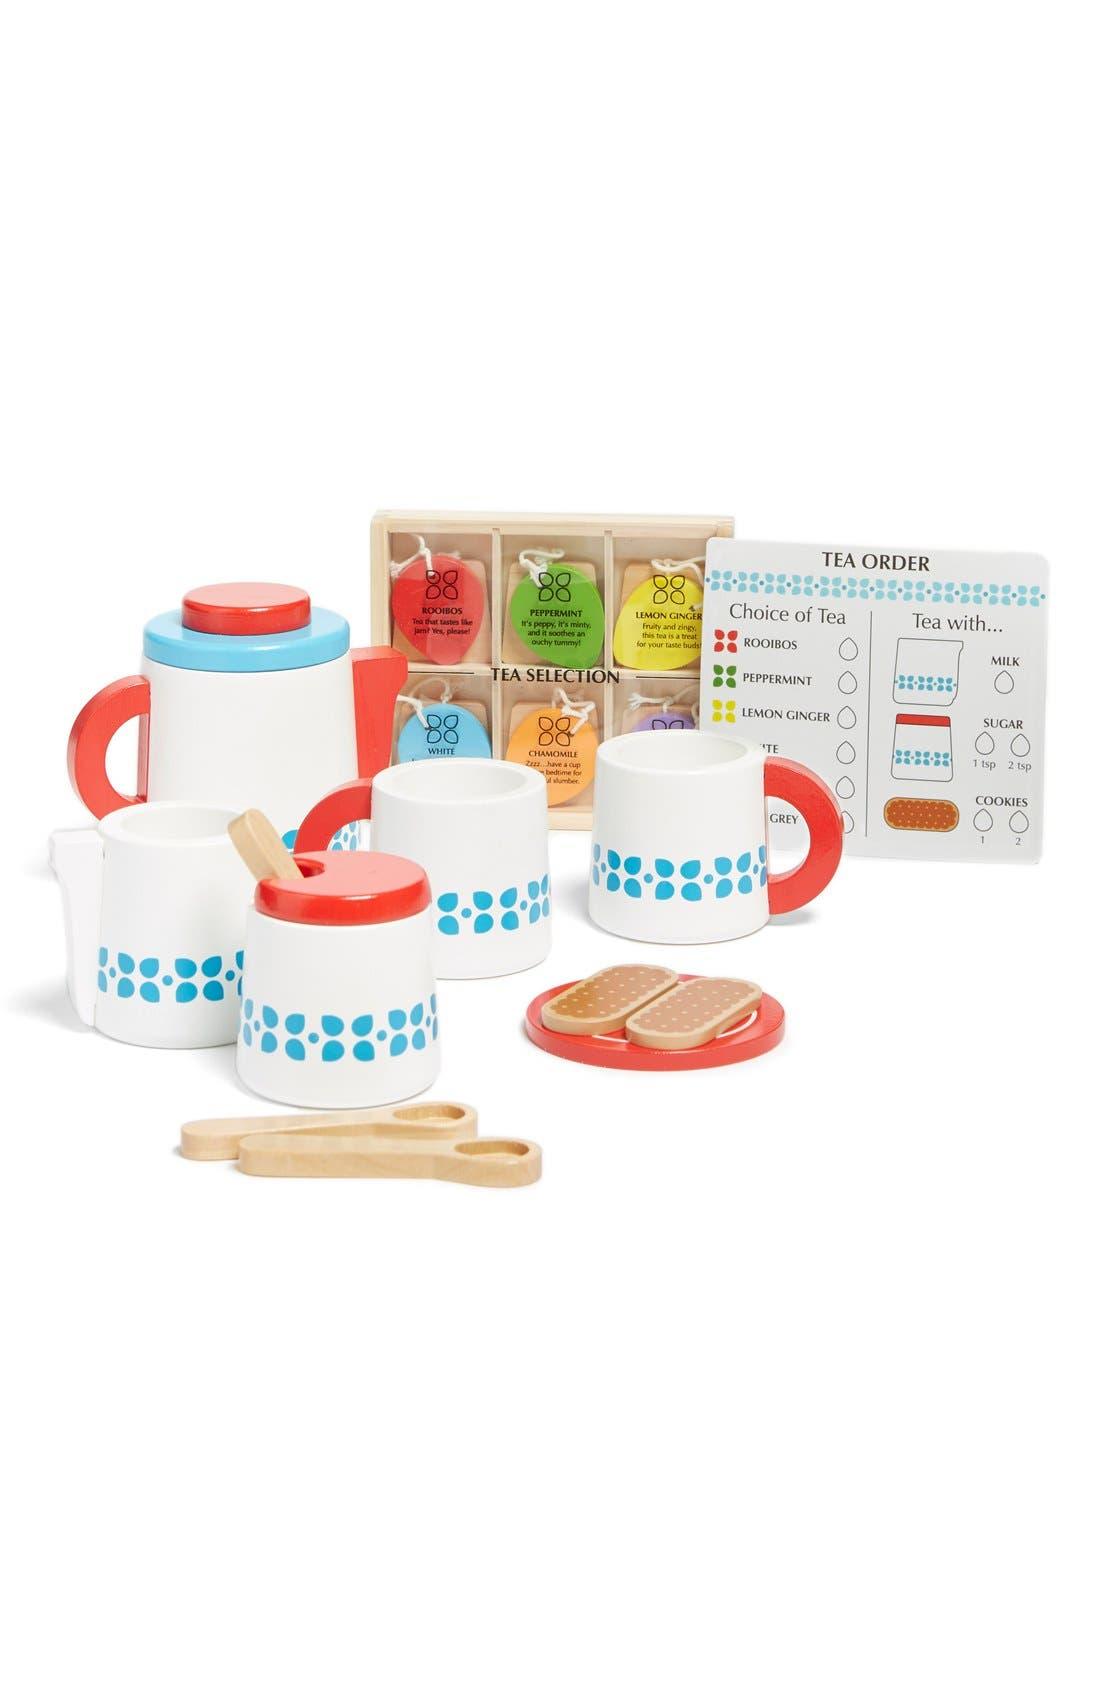 MELISSA & DOUG, 'Steep & Serve' Wooden Tea Set, Main thumbnail 1, color, MULTI